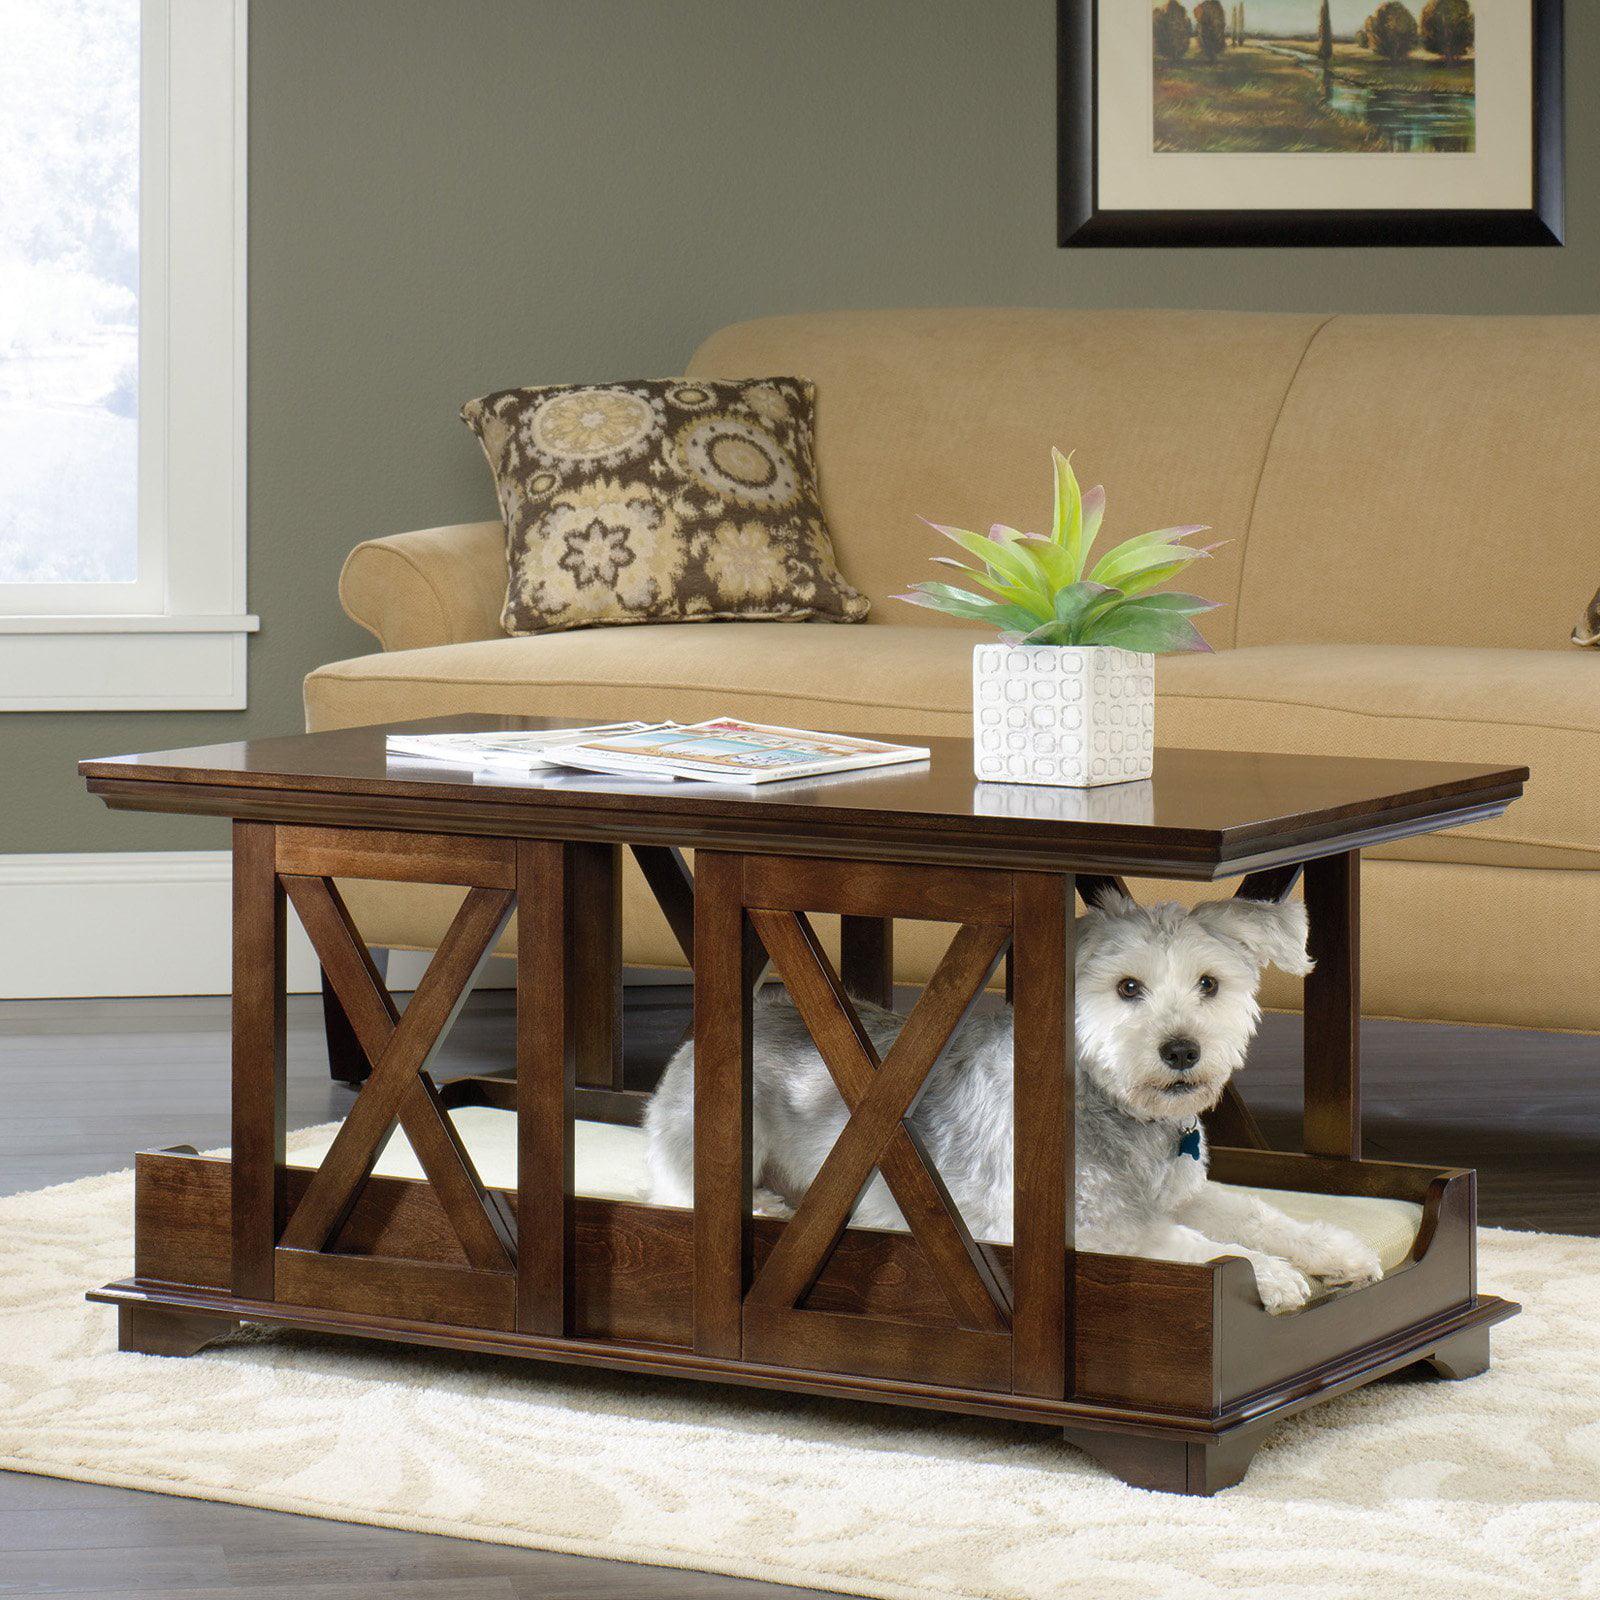 Sauder Bedroom Furniture Sauder Coffee Table Pet Bed Walmartcom